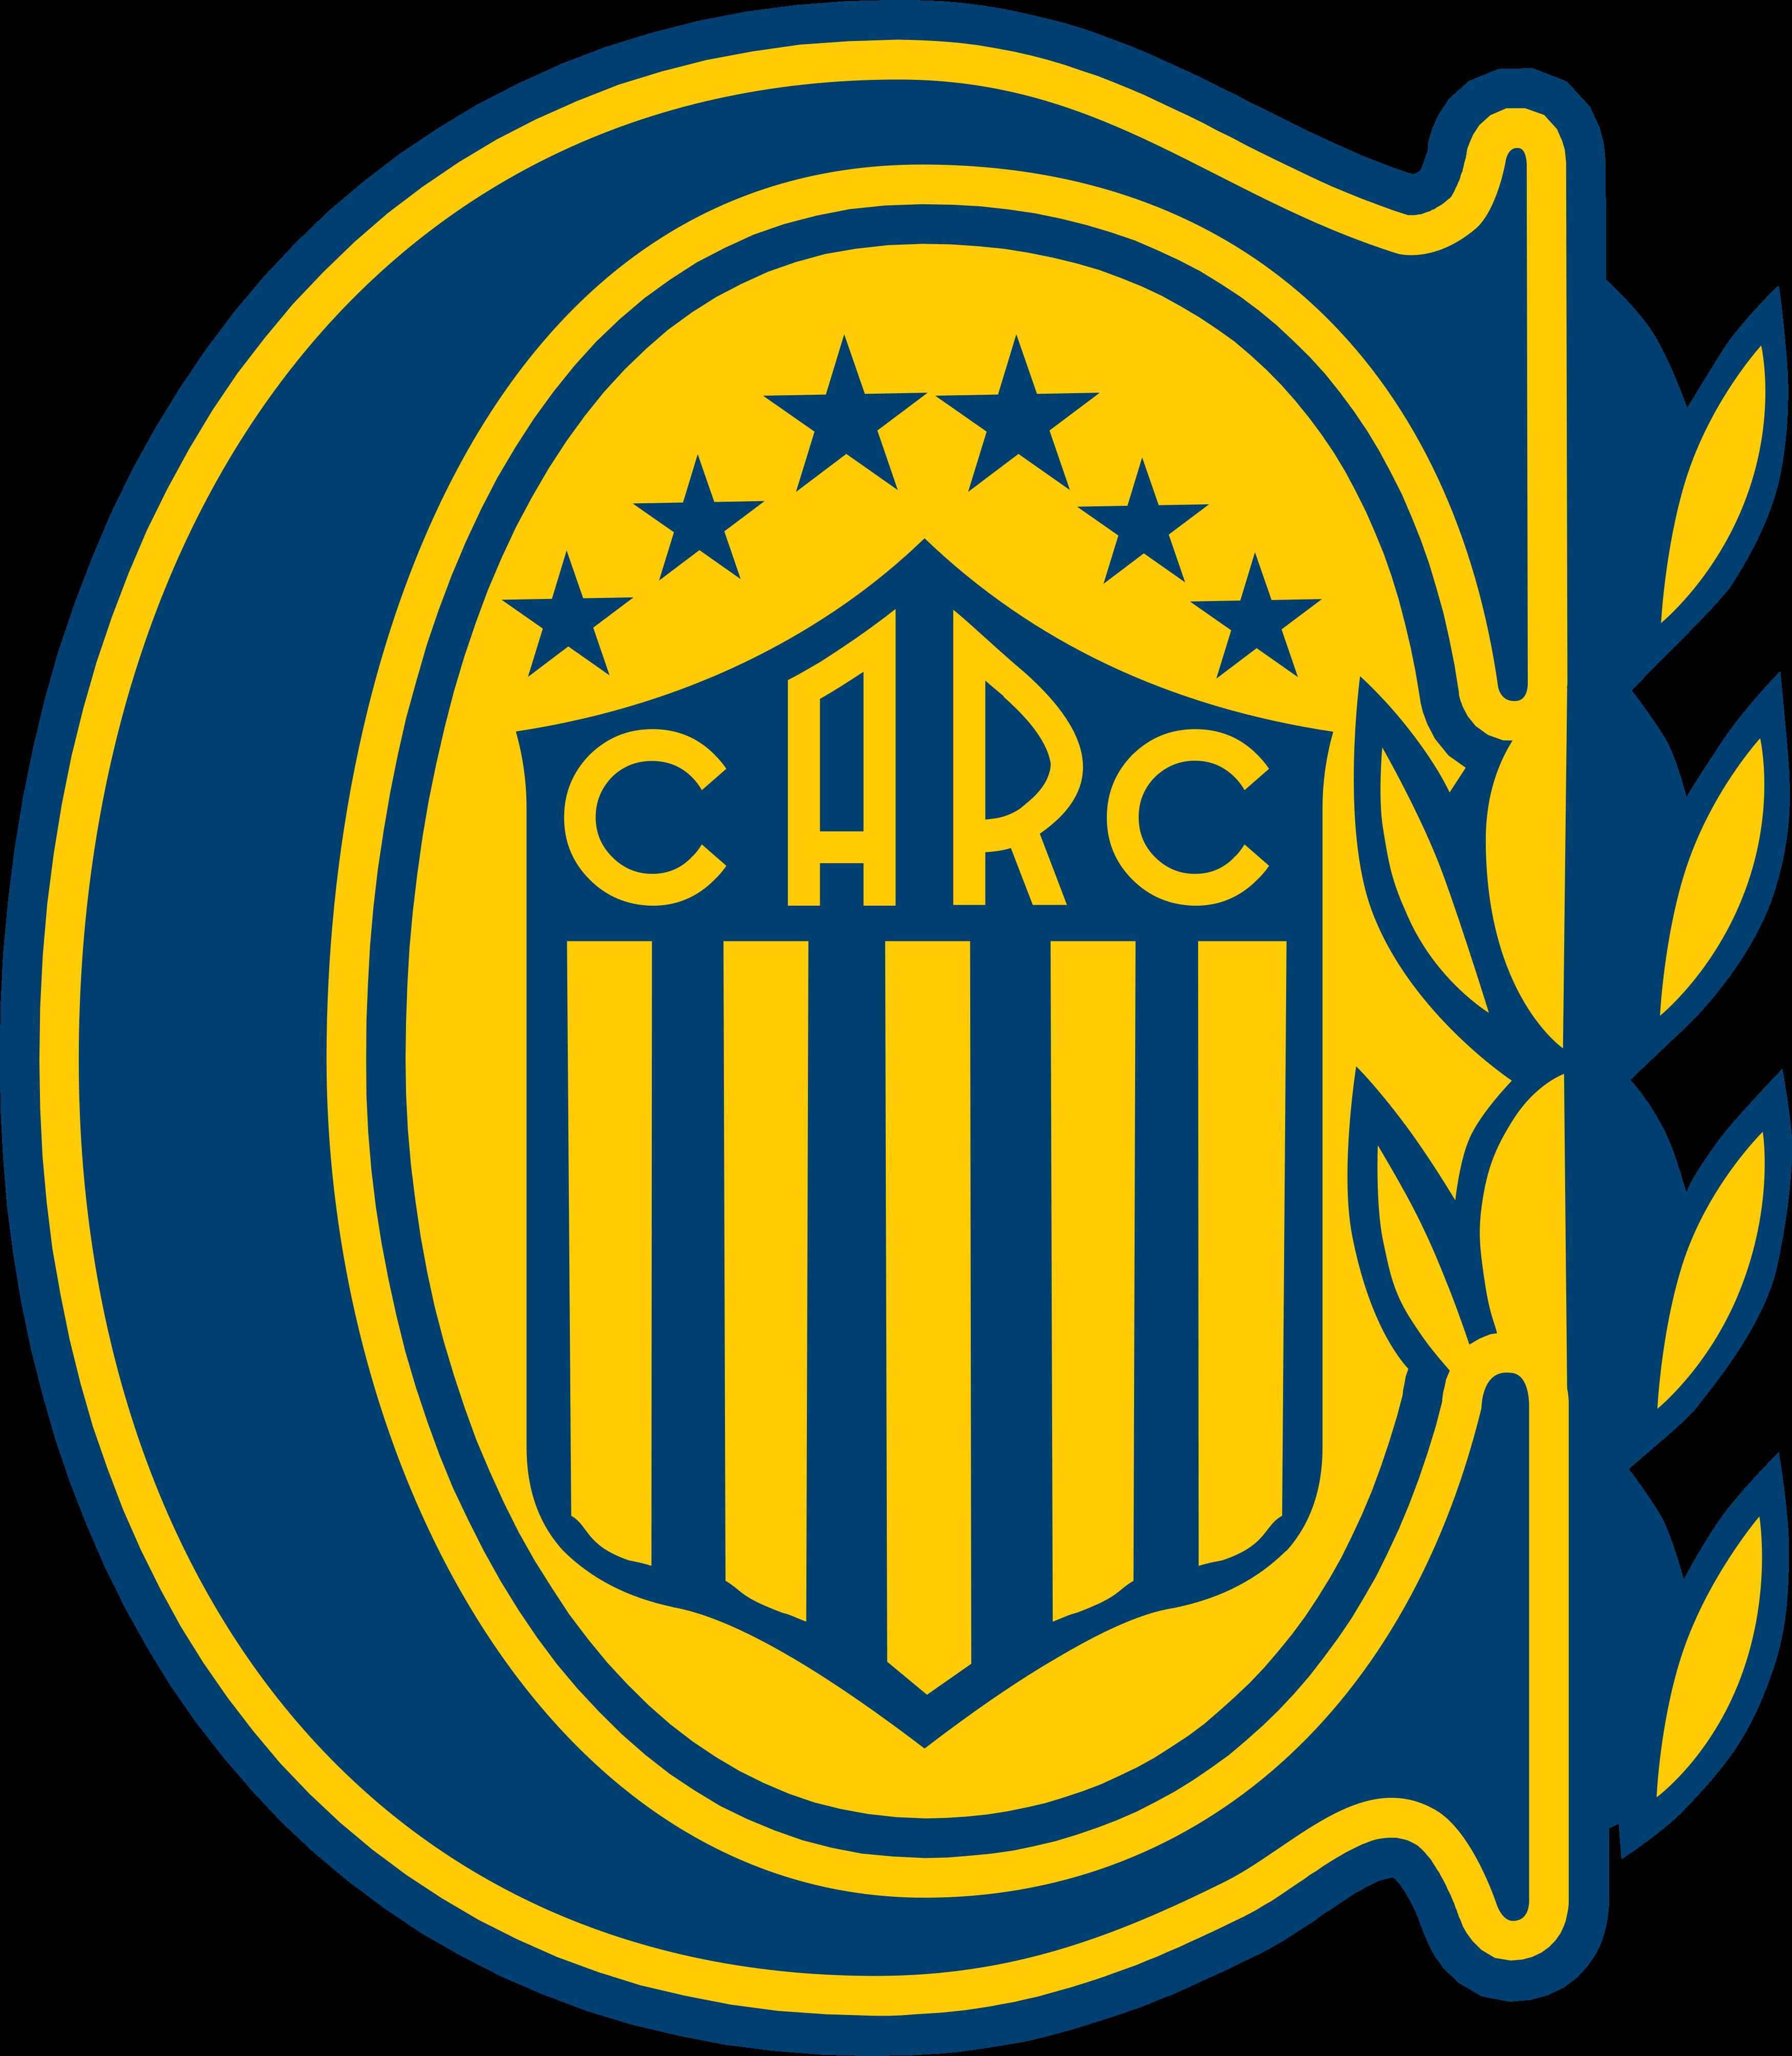 rosario central logo escudo - Rosário Central Logo - Club Atlético Rosário Central Escudo